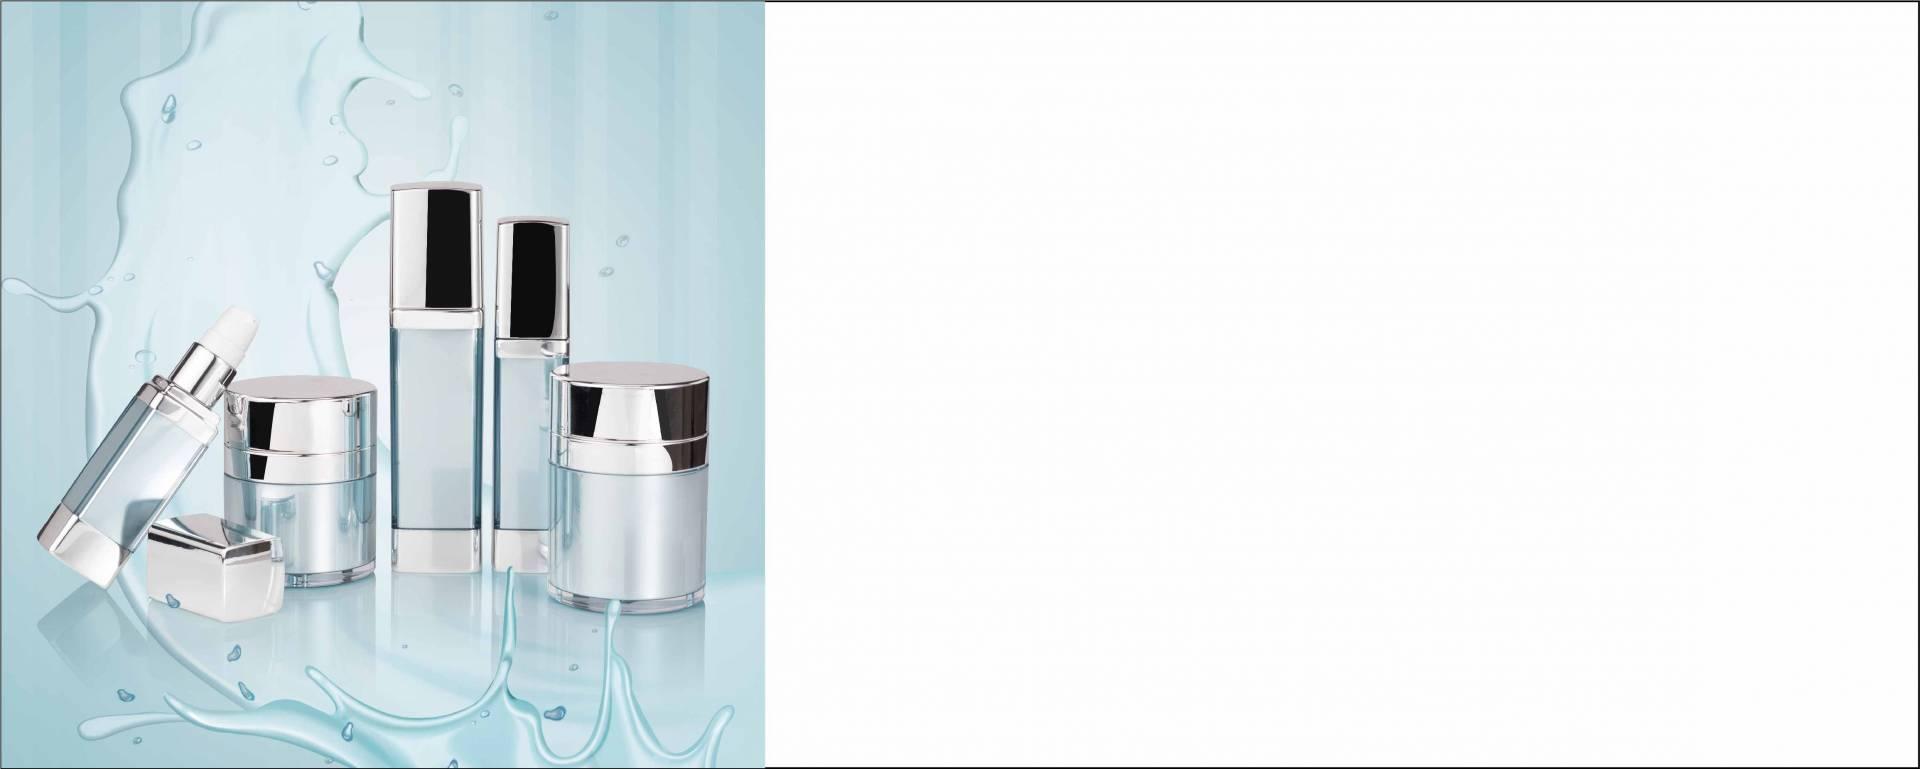 機能的 エアレス スキンケア包装 最高のパフォーマンス エアレス スキンケア製品用のボトルとジャー